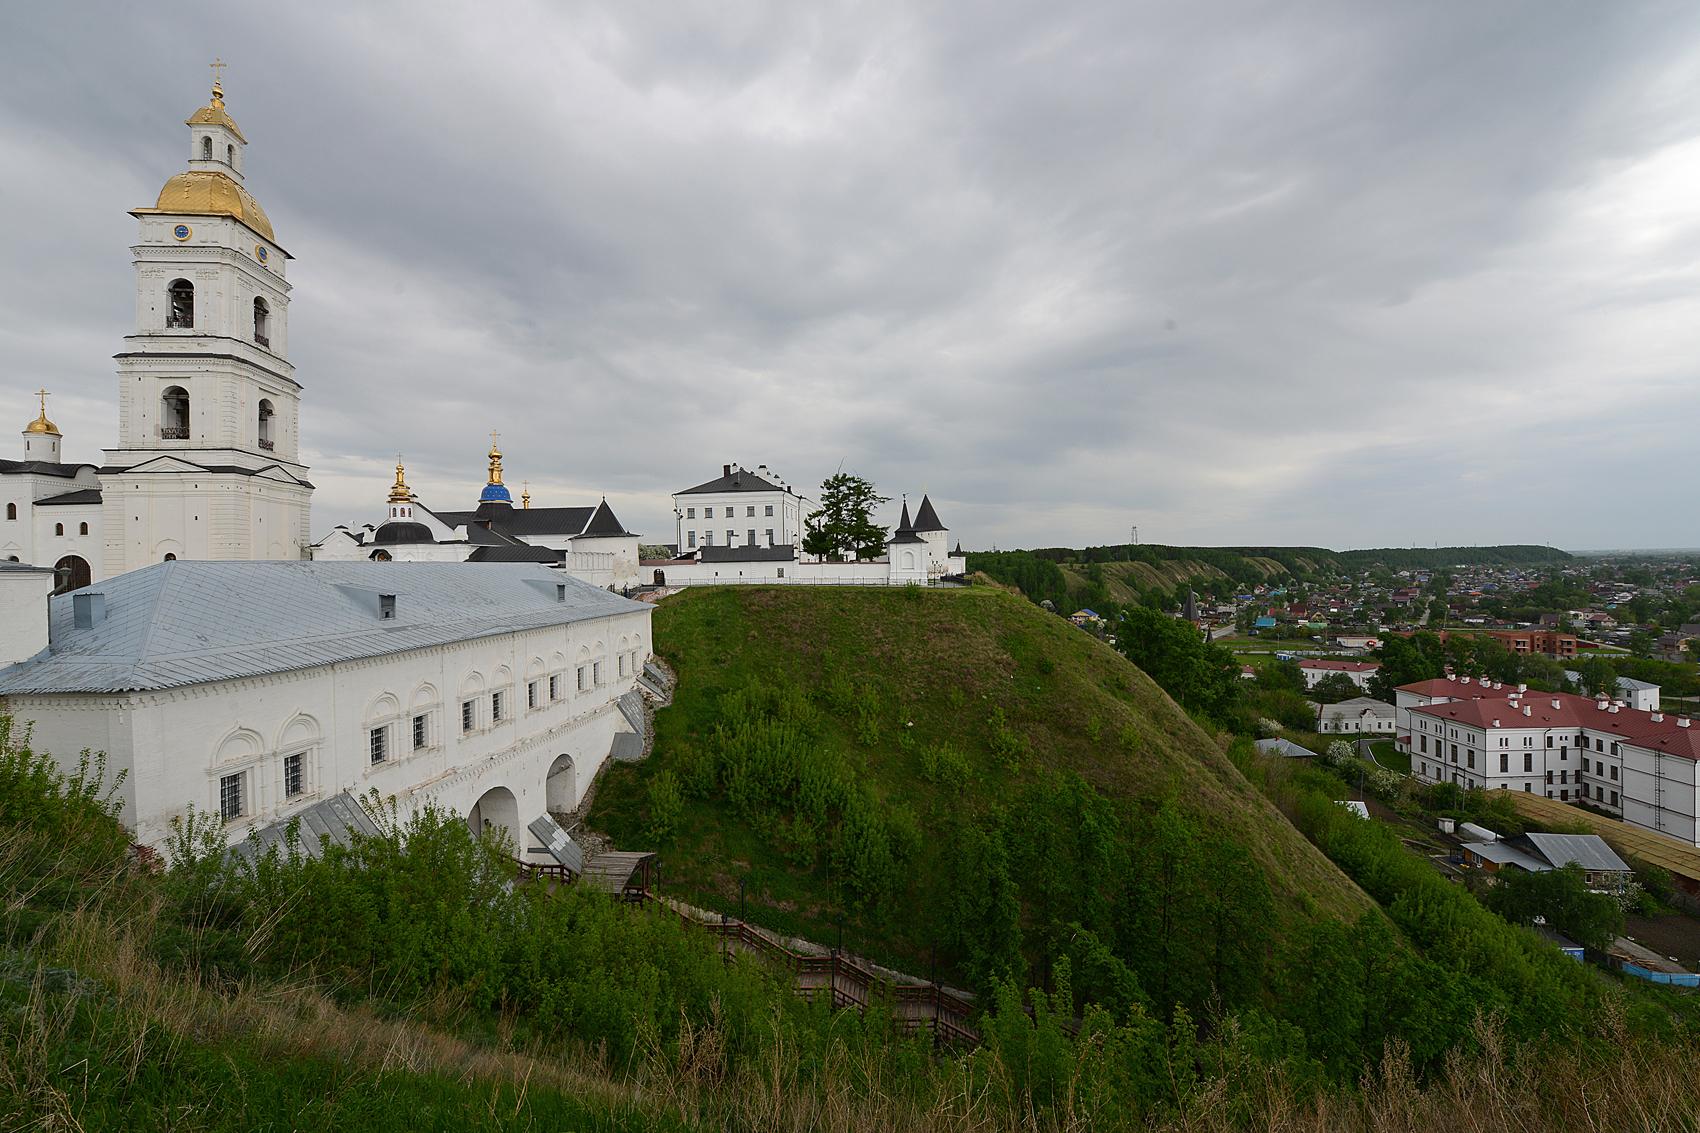 Tobolsk13